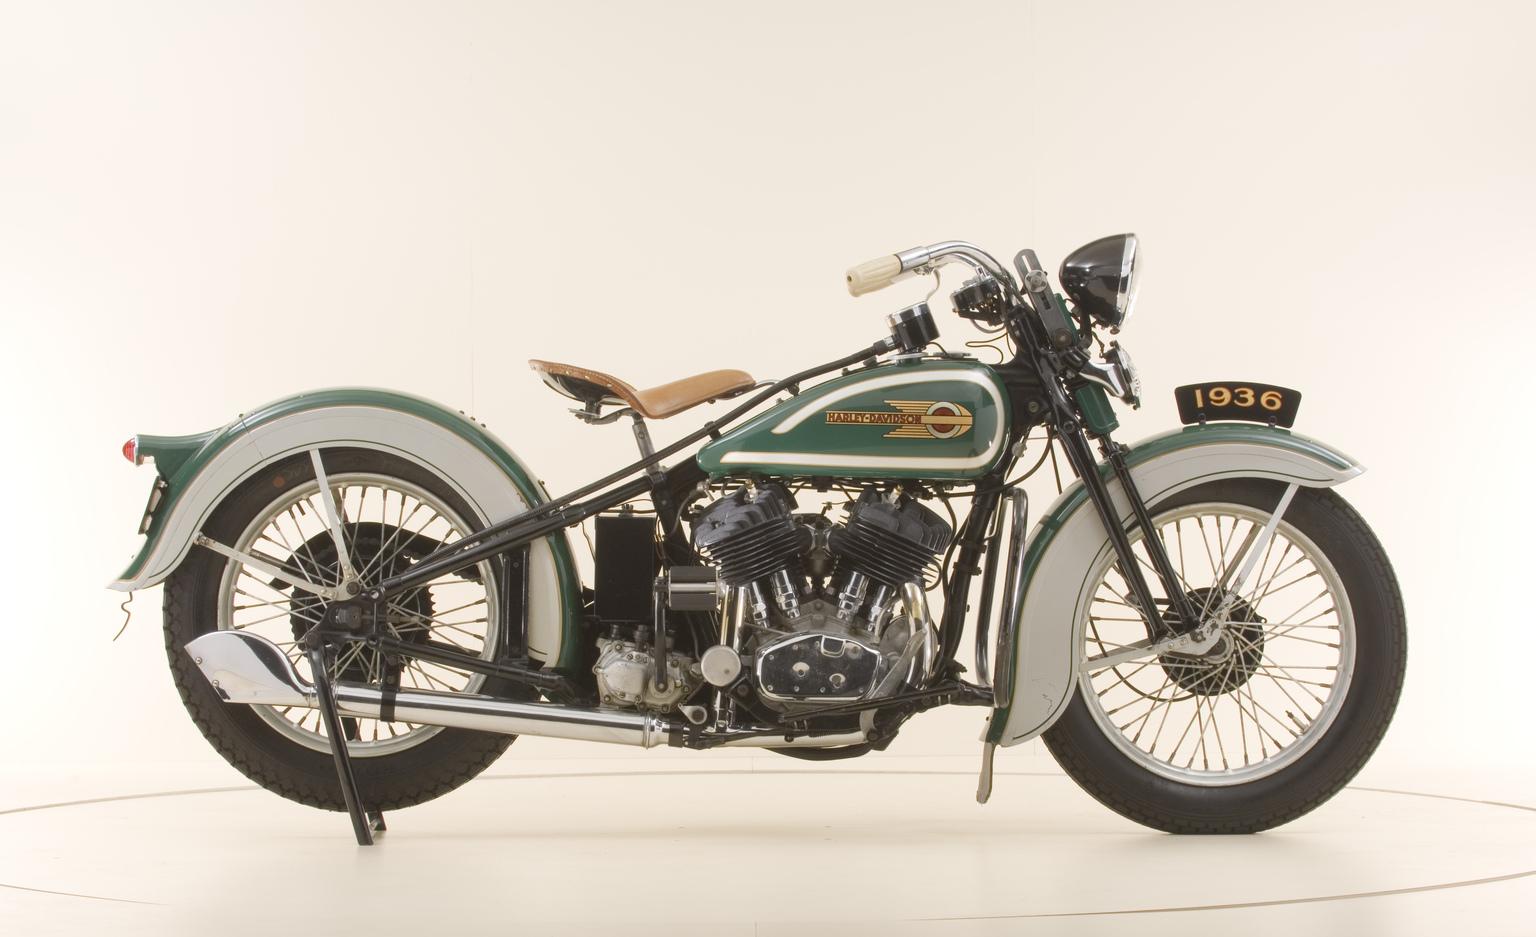 1936 - Modelo VLH